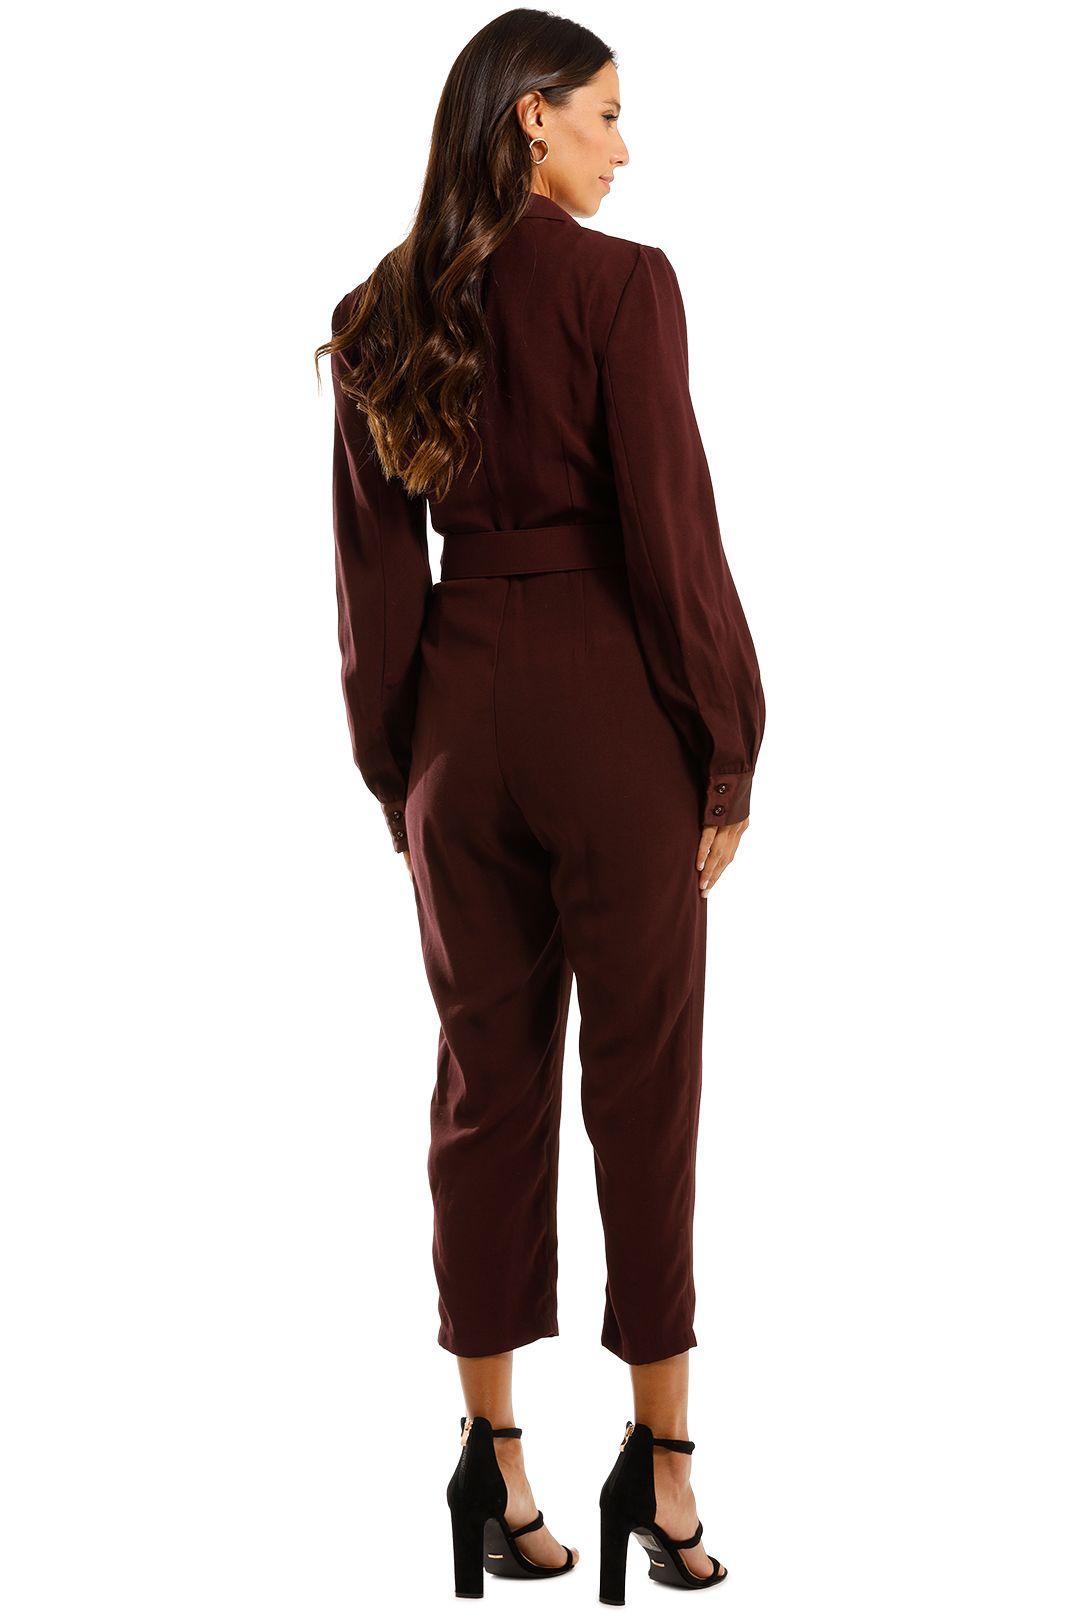 Pasduchas Austere Pantsuit Blackberry Maroon Jumpsuit